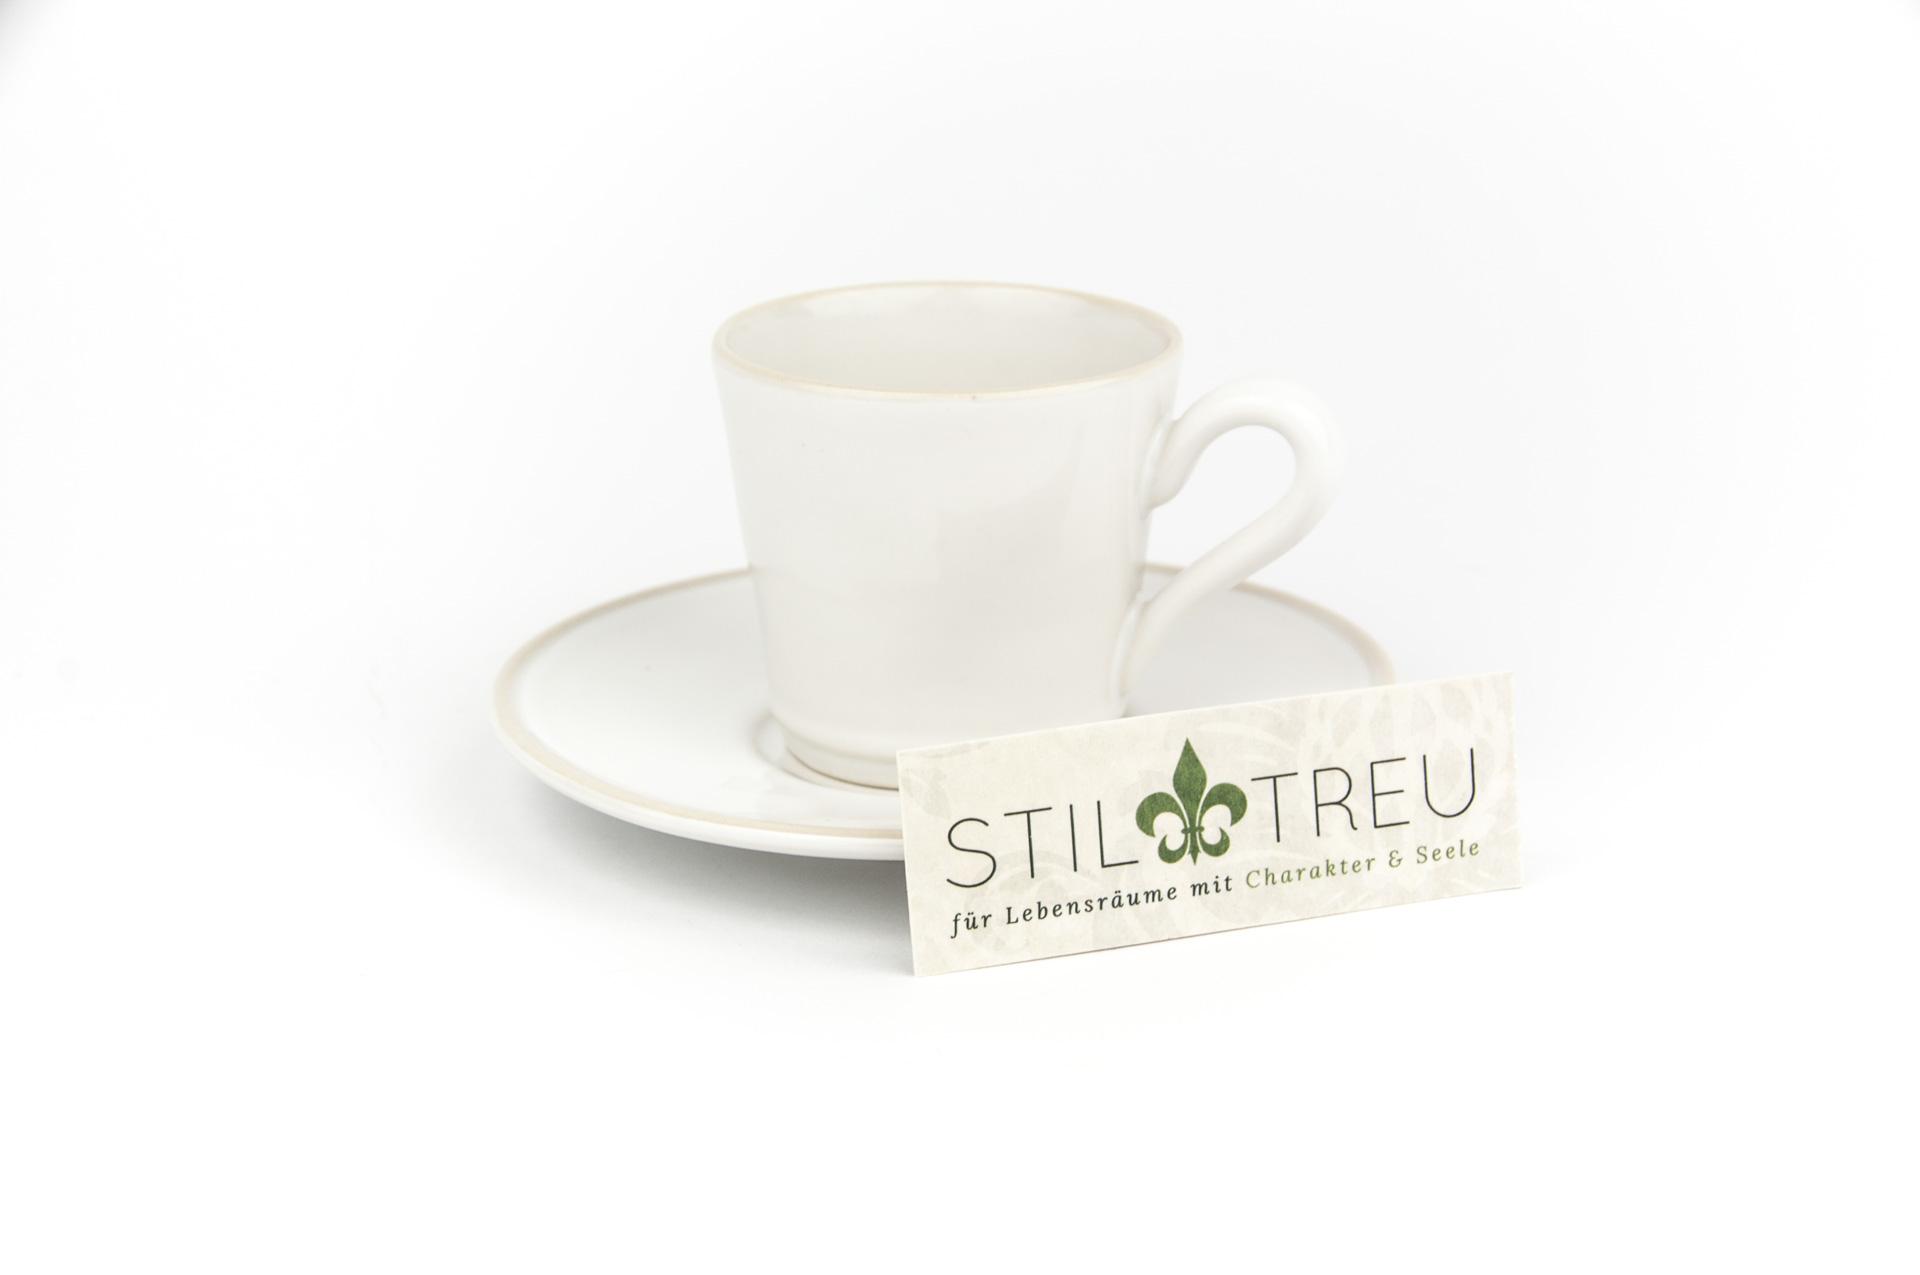 Gedeck / Espresso 2-teilig / Ober- + Untertasse Astoria, weiß, 0,08 l